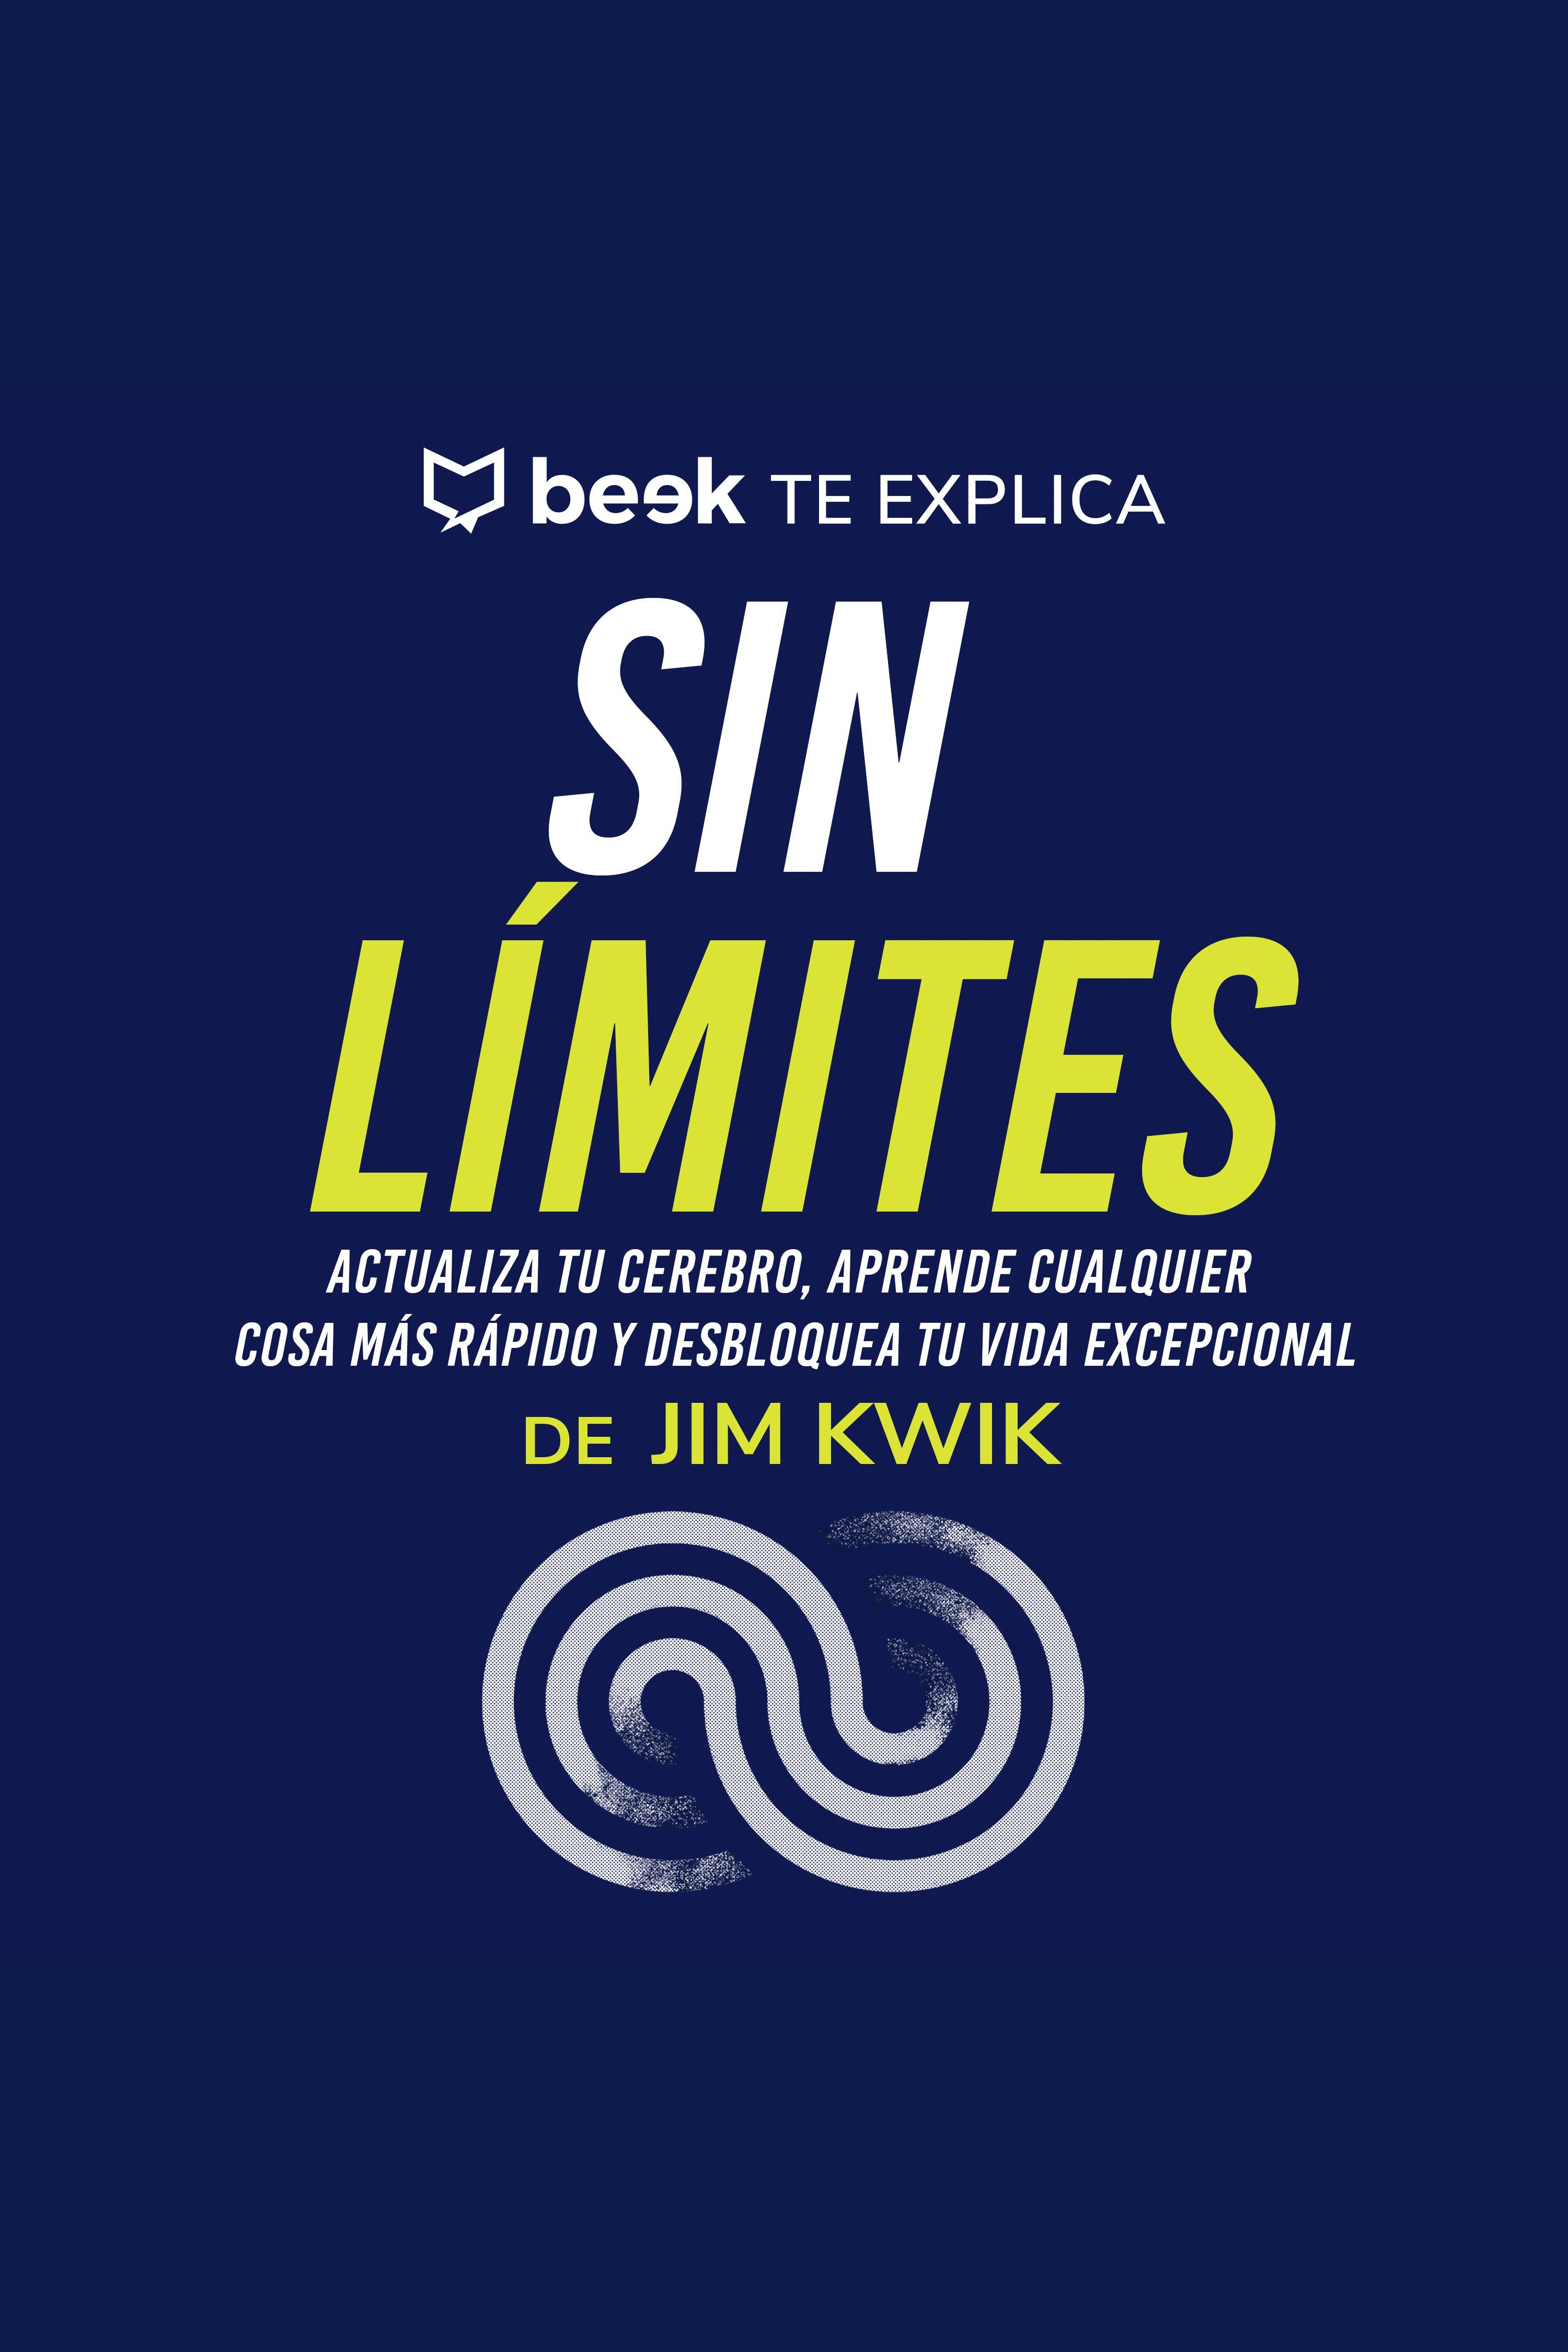 Esta es la portada del audiolibro Sin límites… Beek te explica